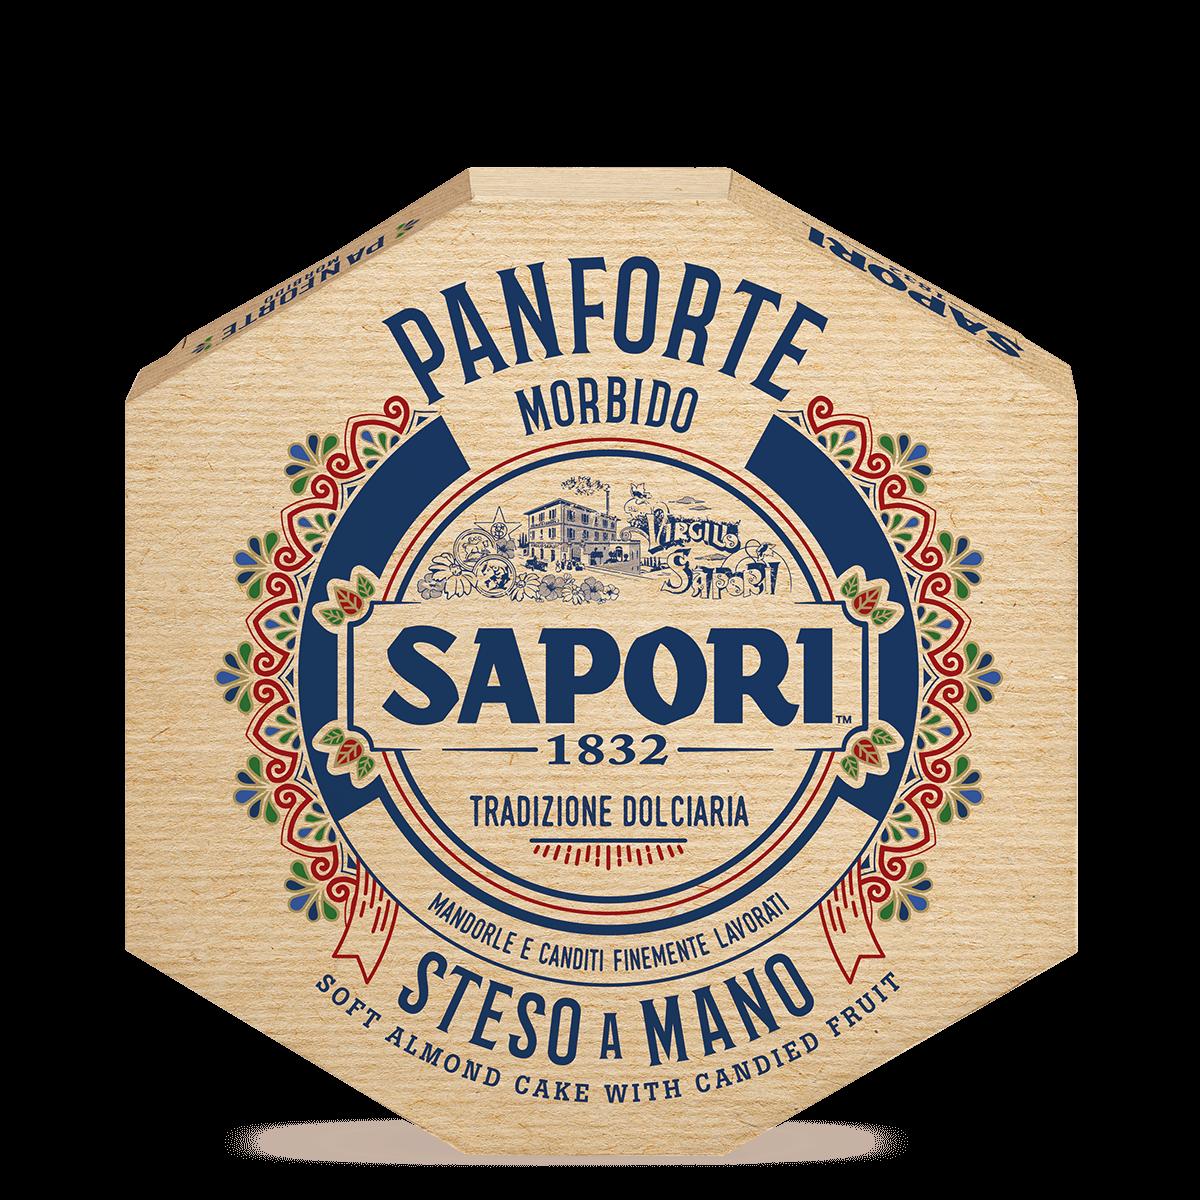 SAPORI PANFORTE MORBIDO MANDORLE 320G